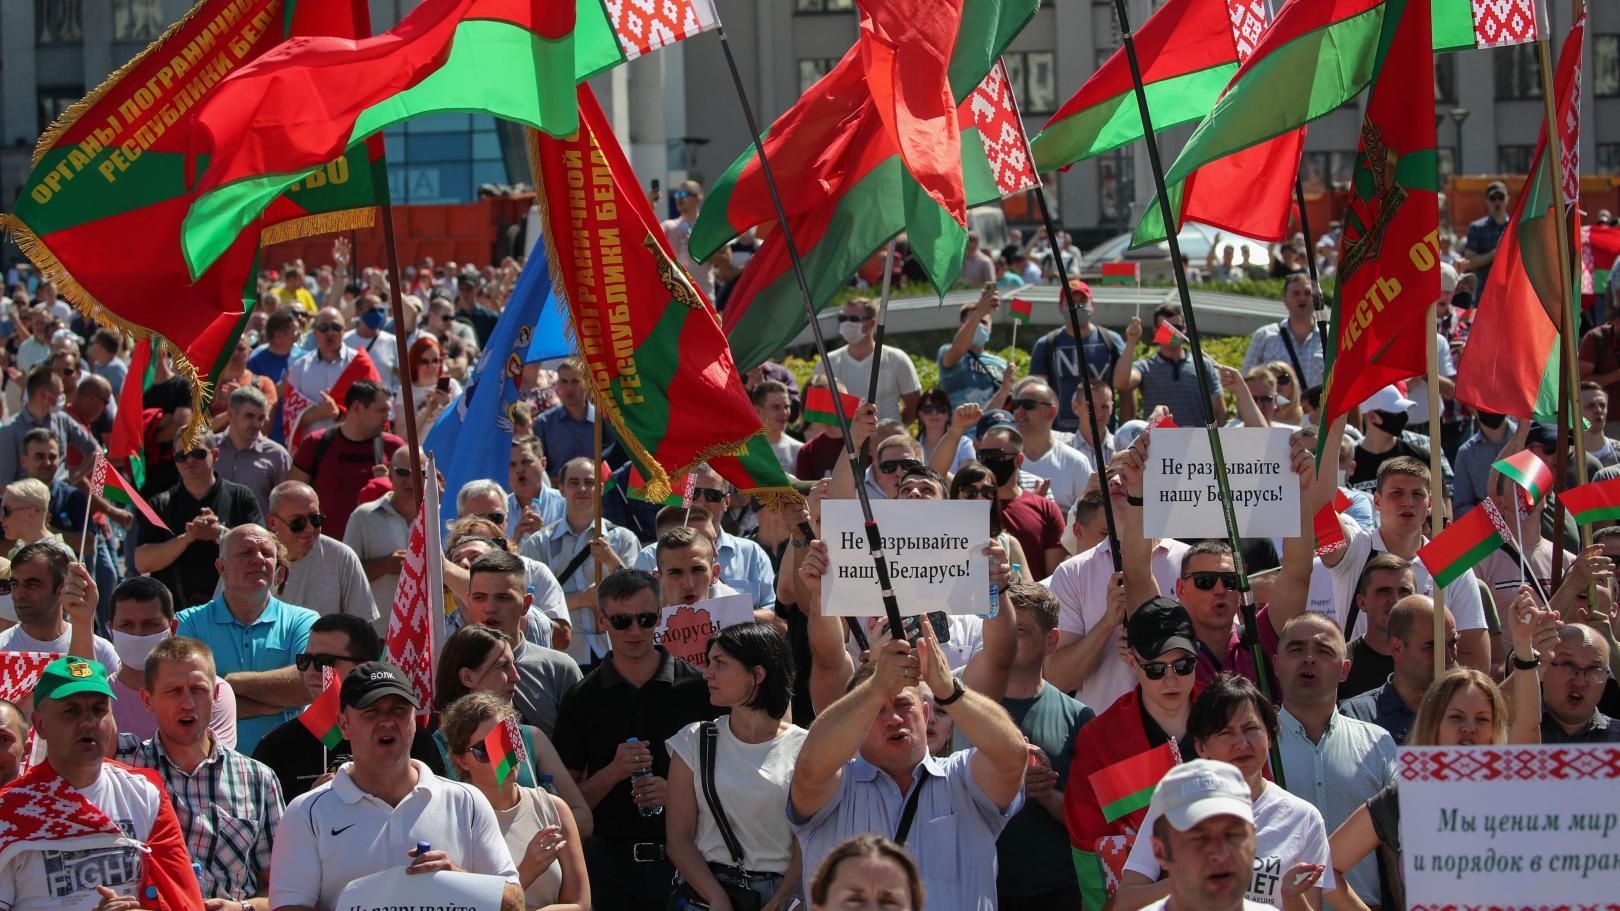 https://maoistdazibao.files.wordpress.com/2020/08/belarus-pro-lukaschenko.jpg?w=1620